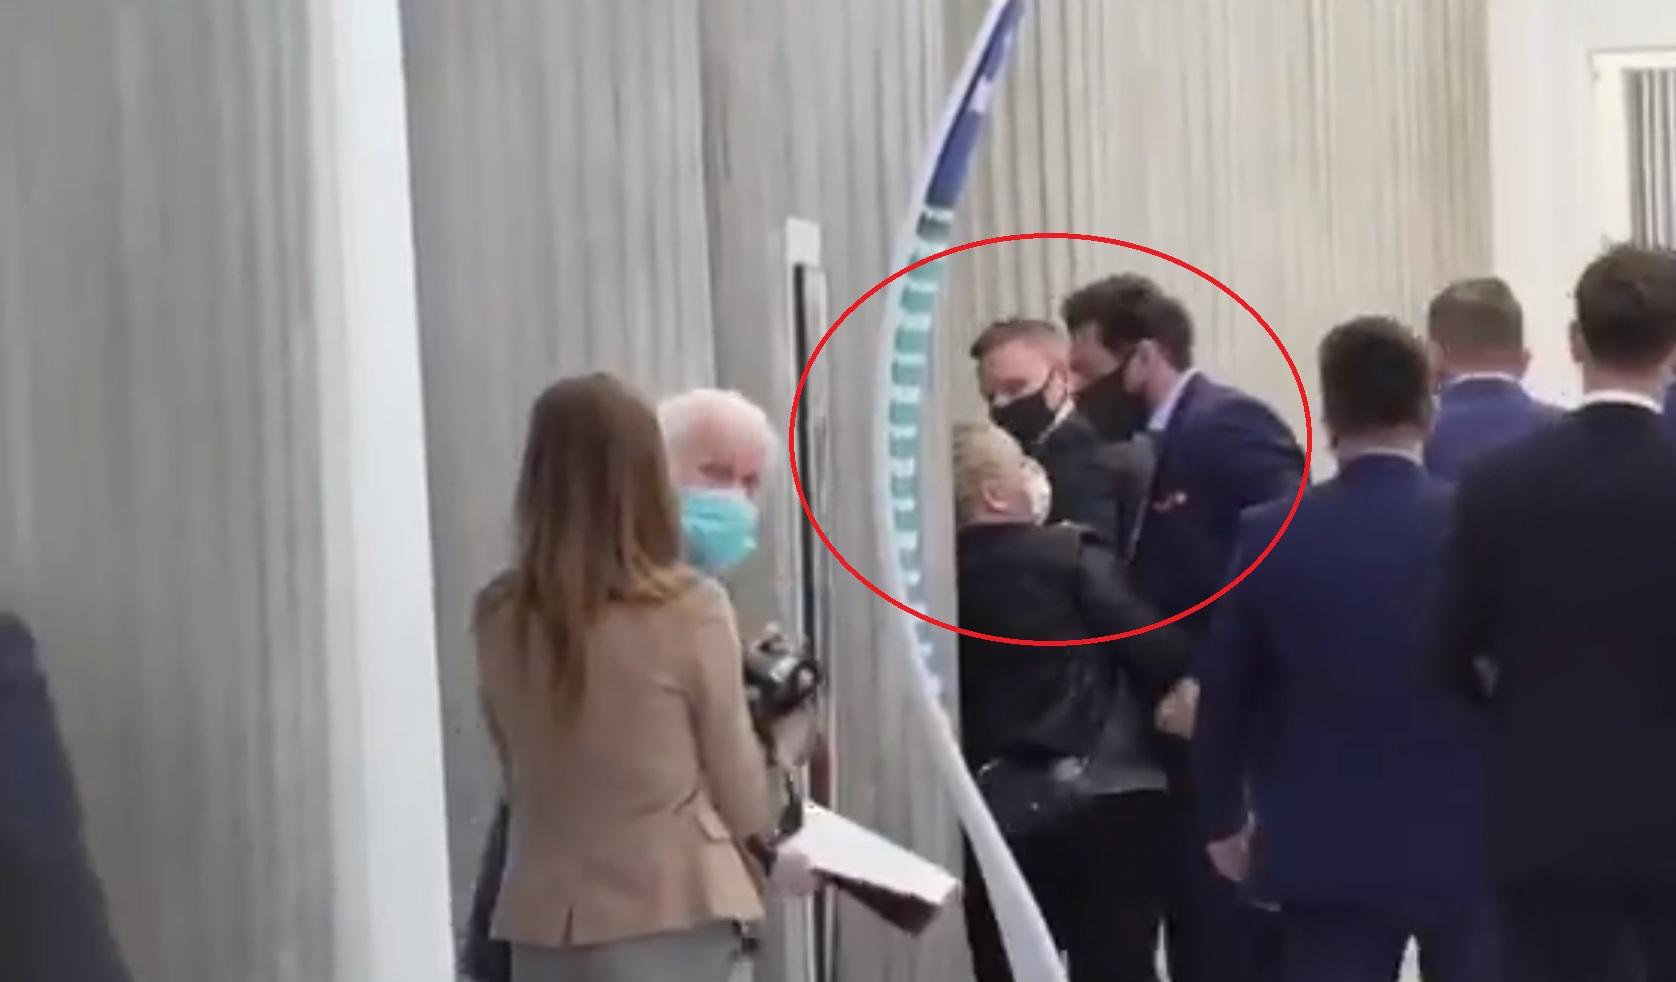 Iwona Hartwich zaatakowała premiera Mateusza Morawieckiego i ministra Michała Dworczyka na sejmowym korytarzu. Była agresywna